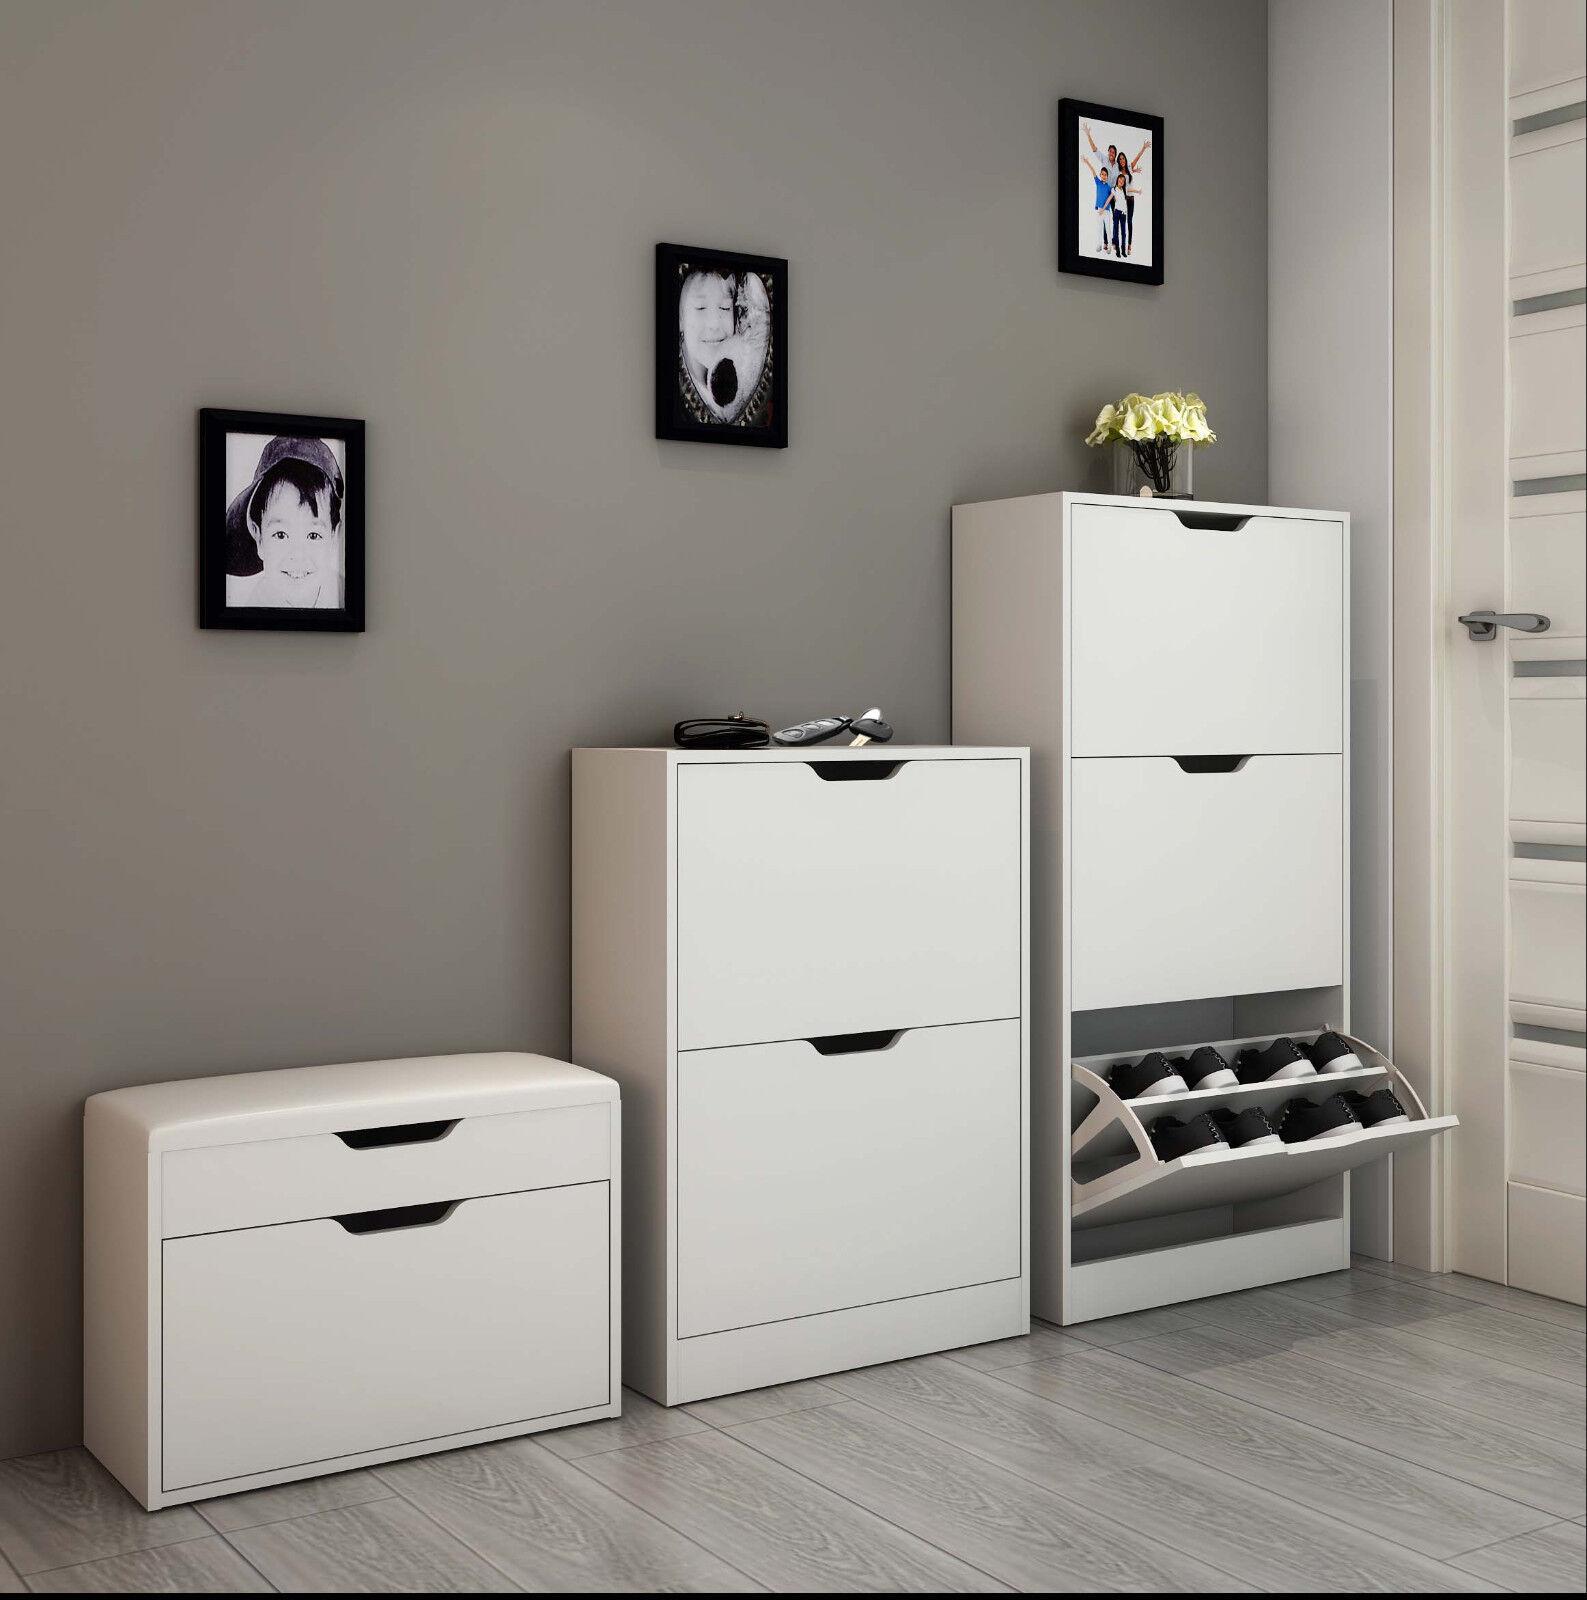 schuhregal weiss test vergleich schuhregal weiss g nstig kaufen. Black Bedroom Furniture Sets. Home Design Ideas